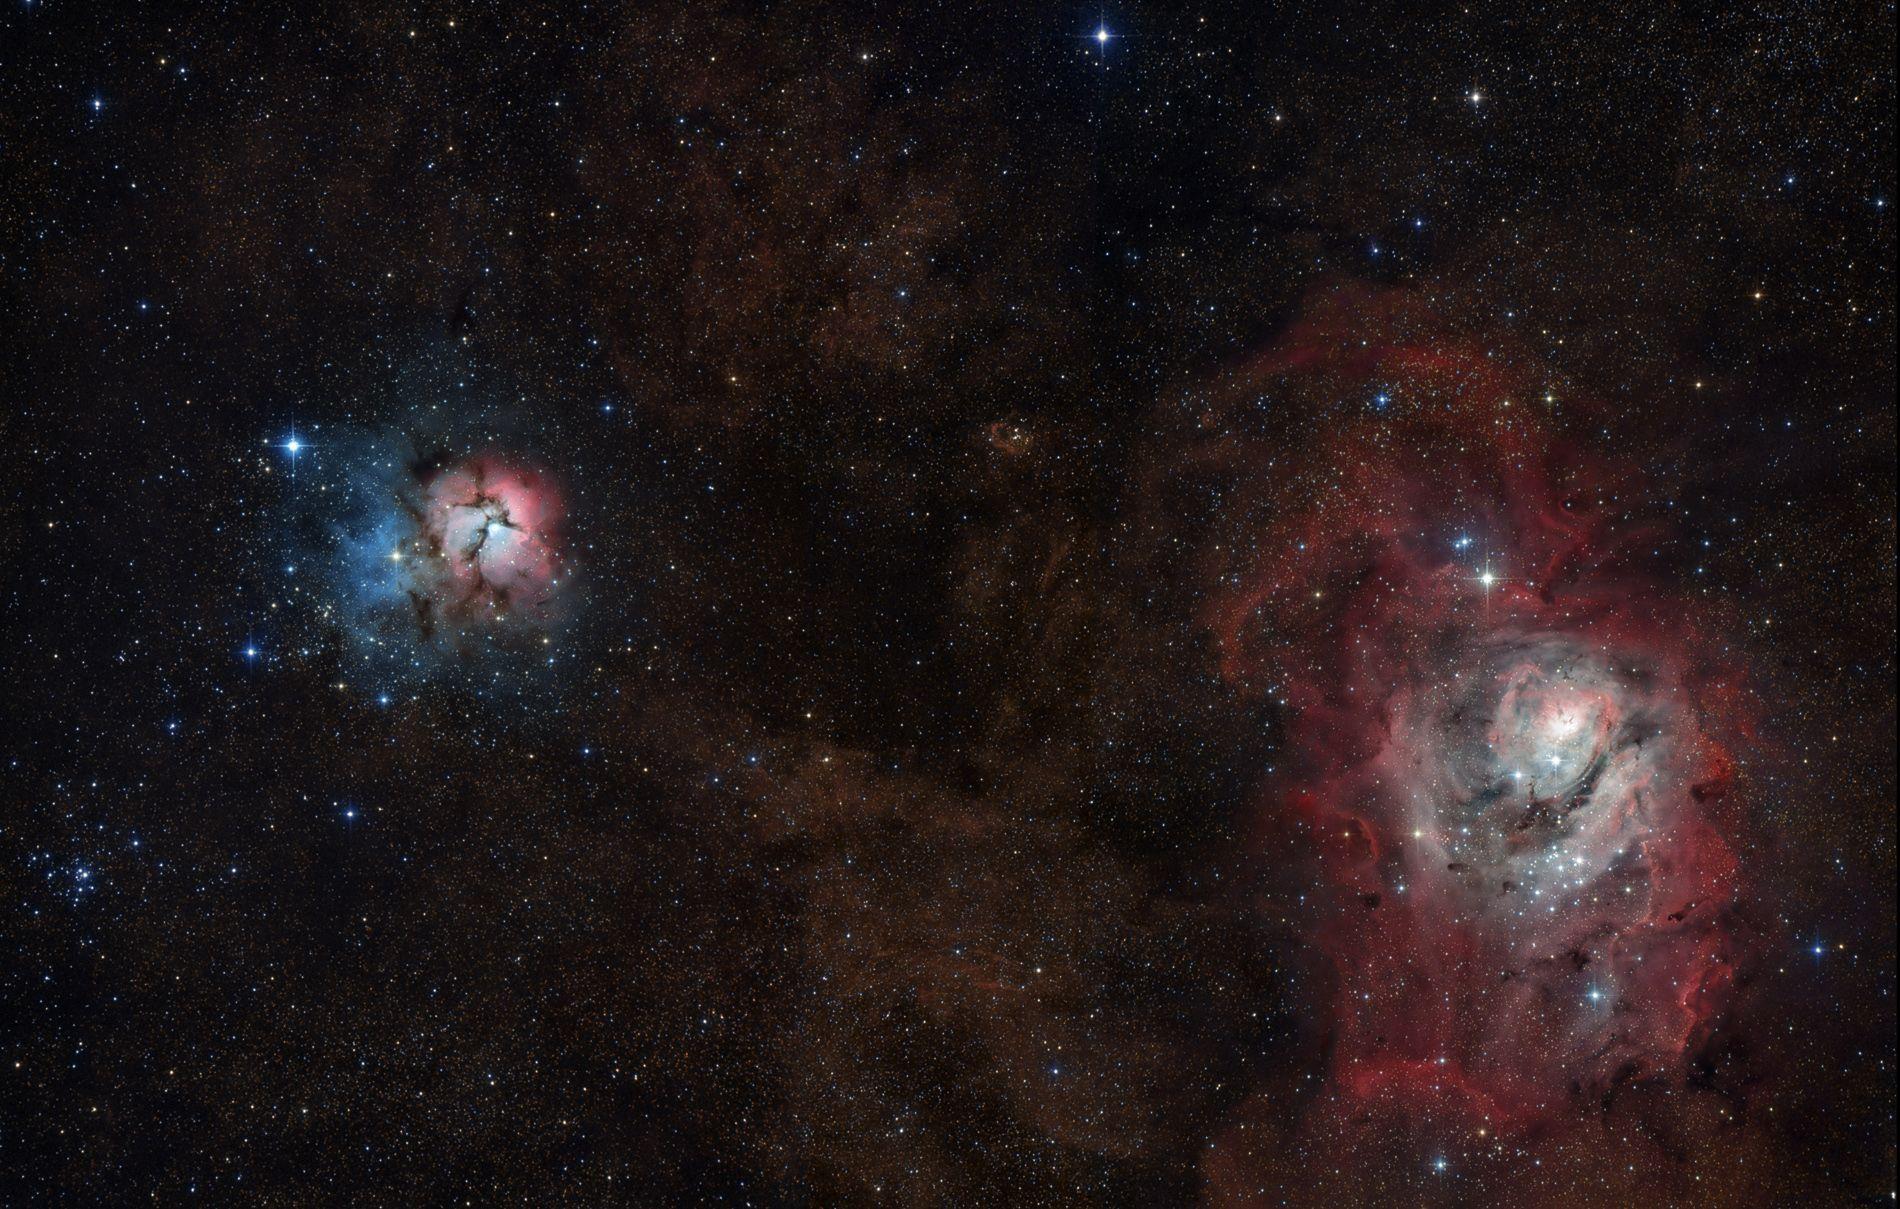 Trifid to Lagoon Nebula Mosaic